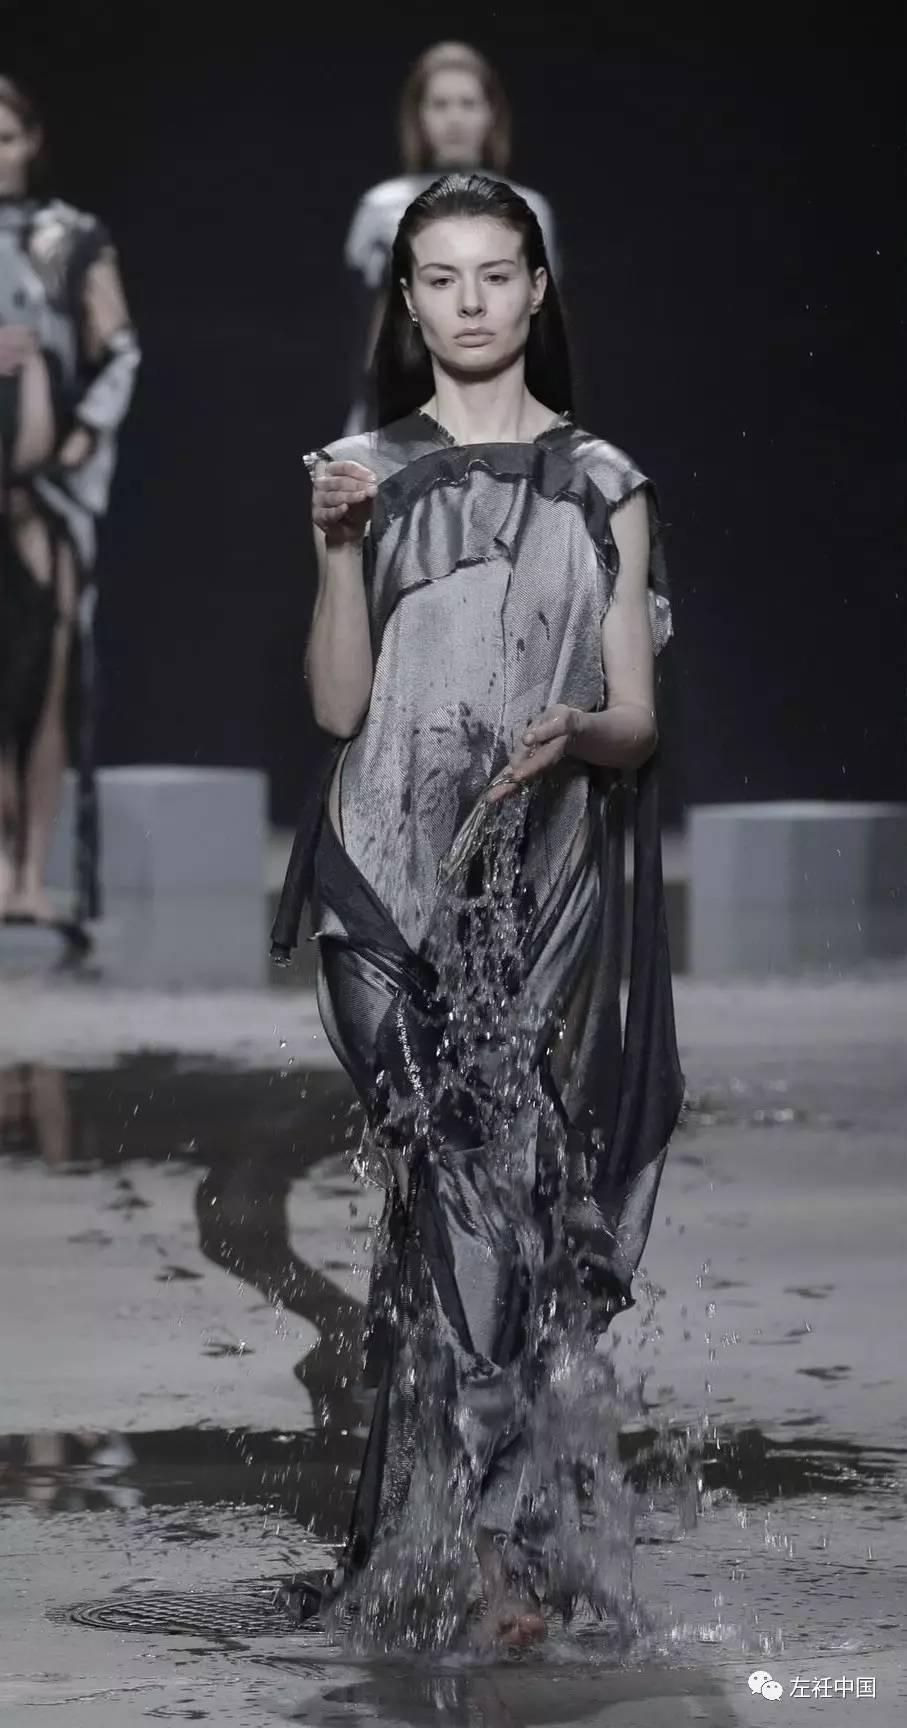 遇水即溶的未来时装震撼全场 ART 第23张